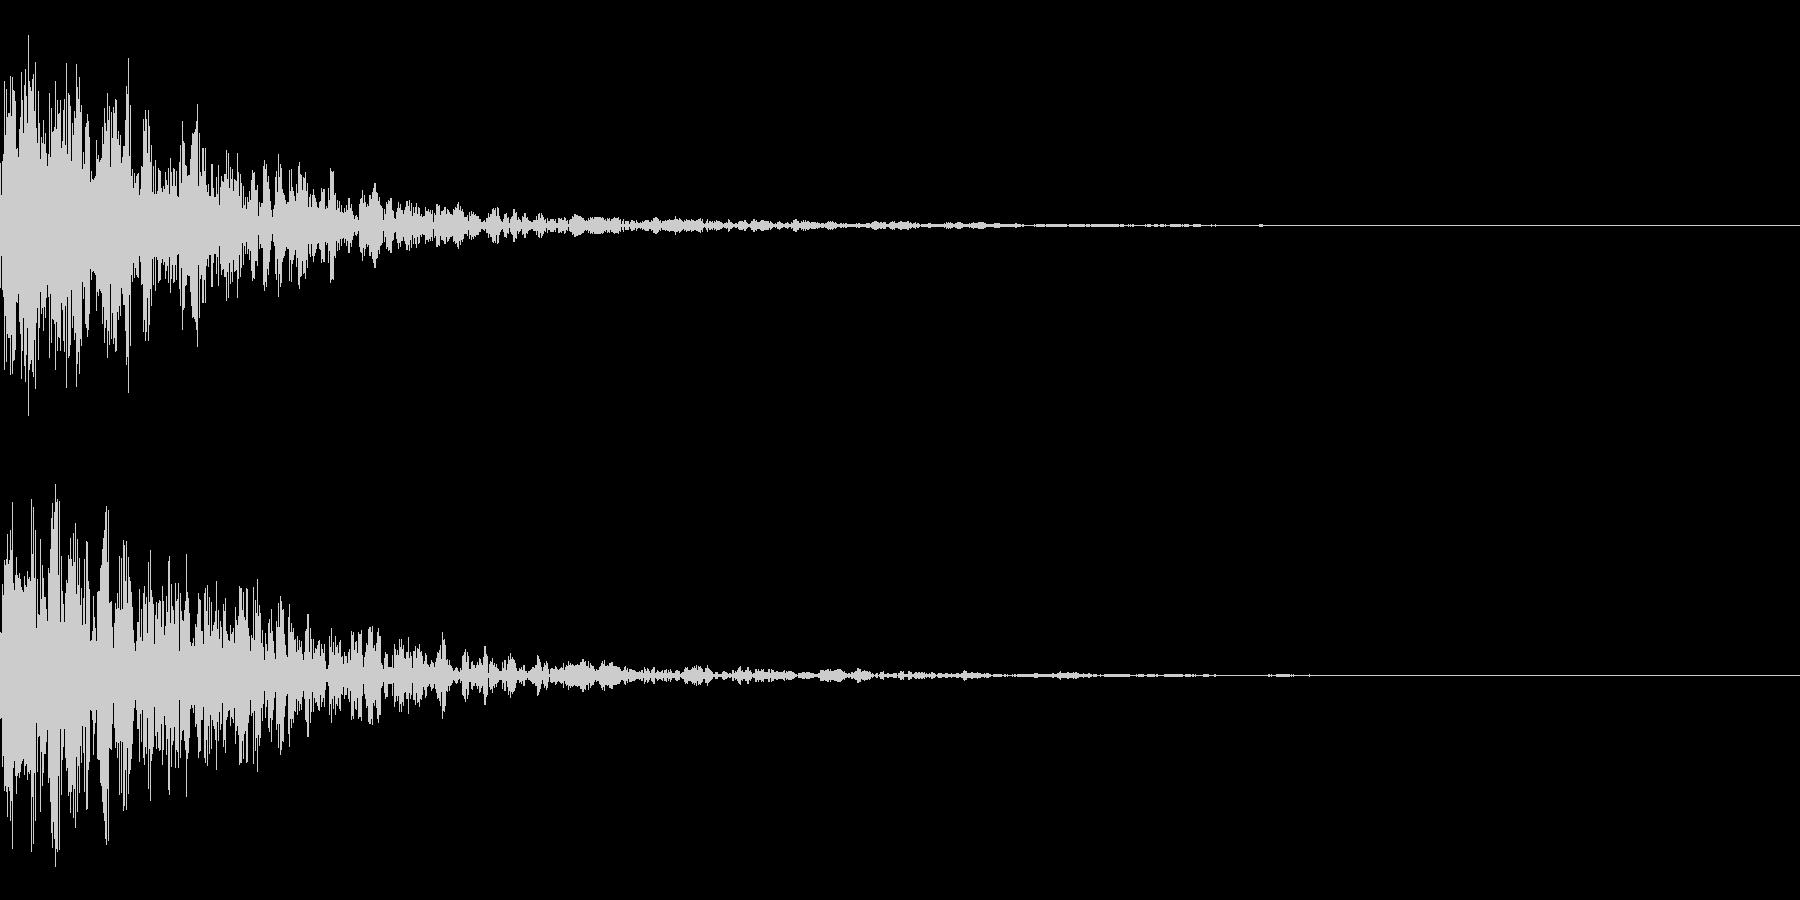 ドーン-27-1(インパクト音)の未再生の波形